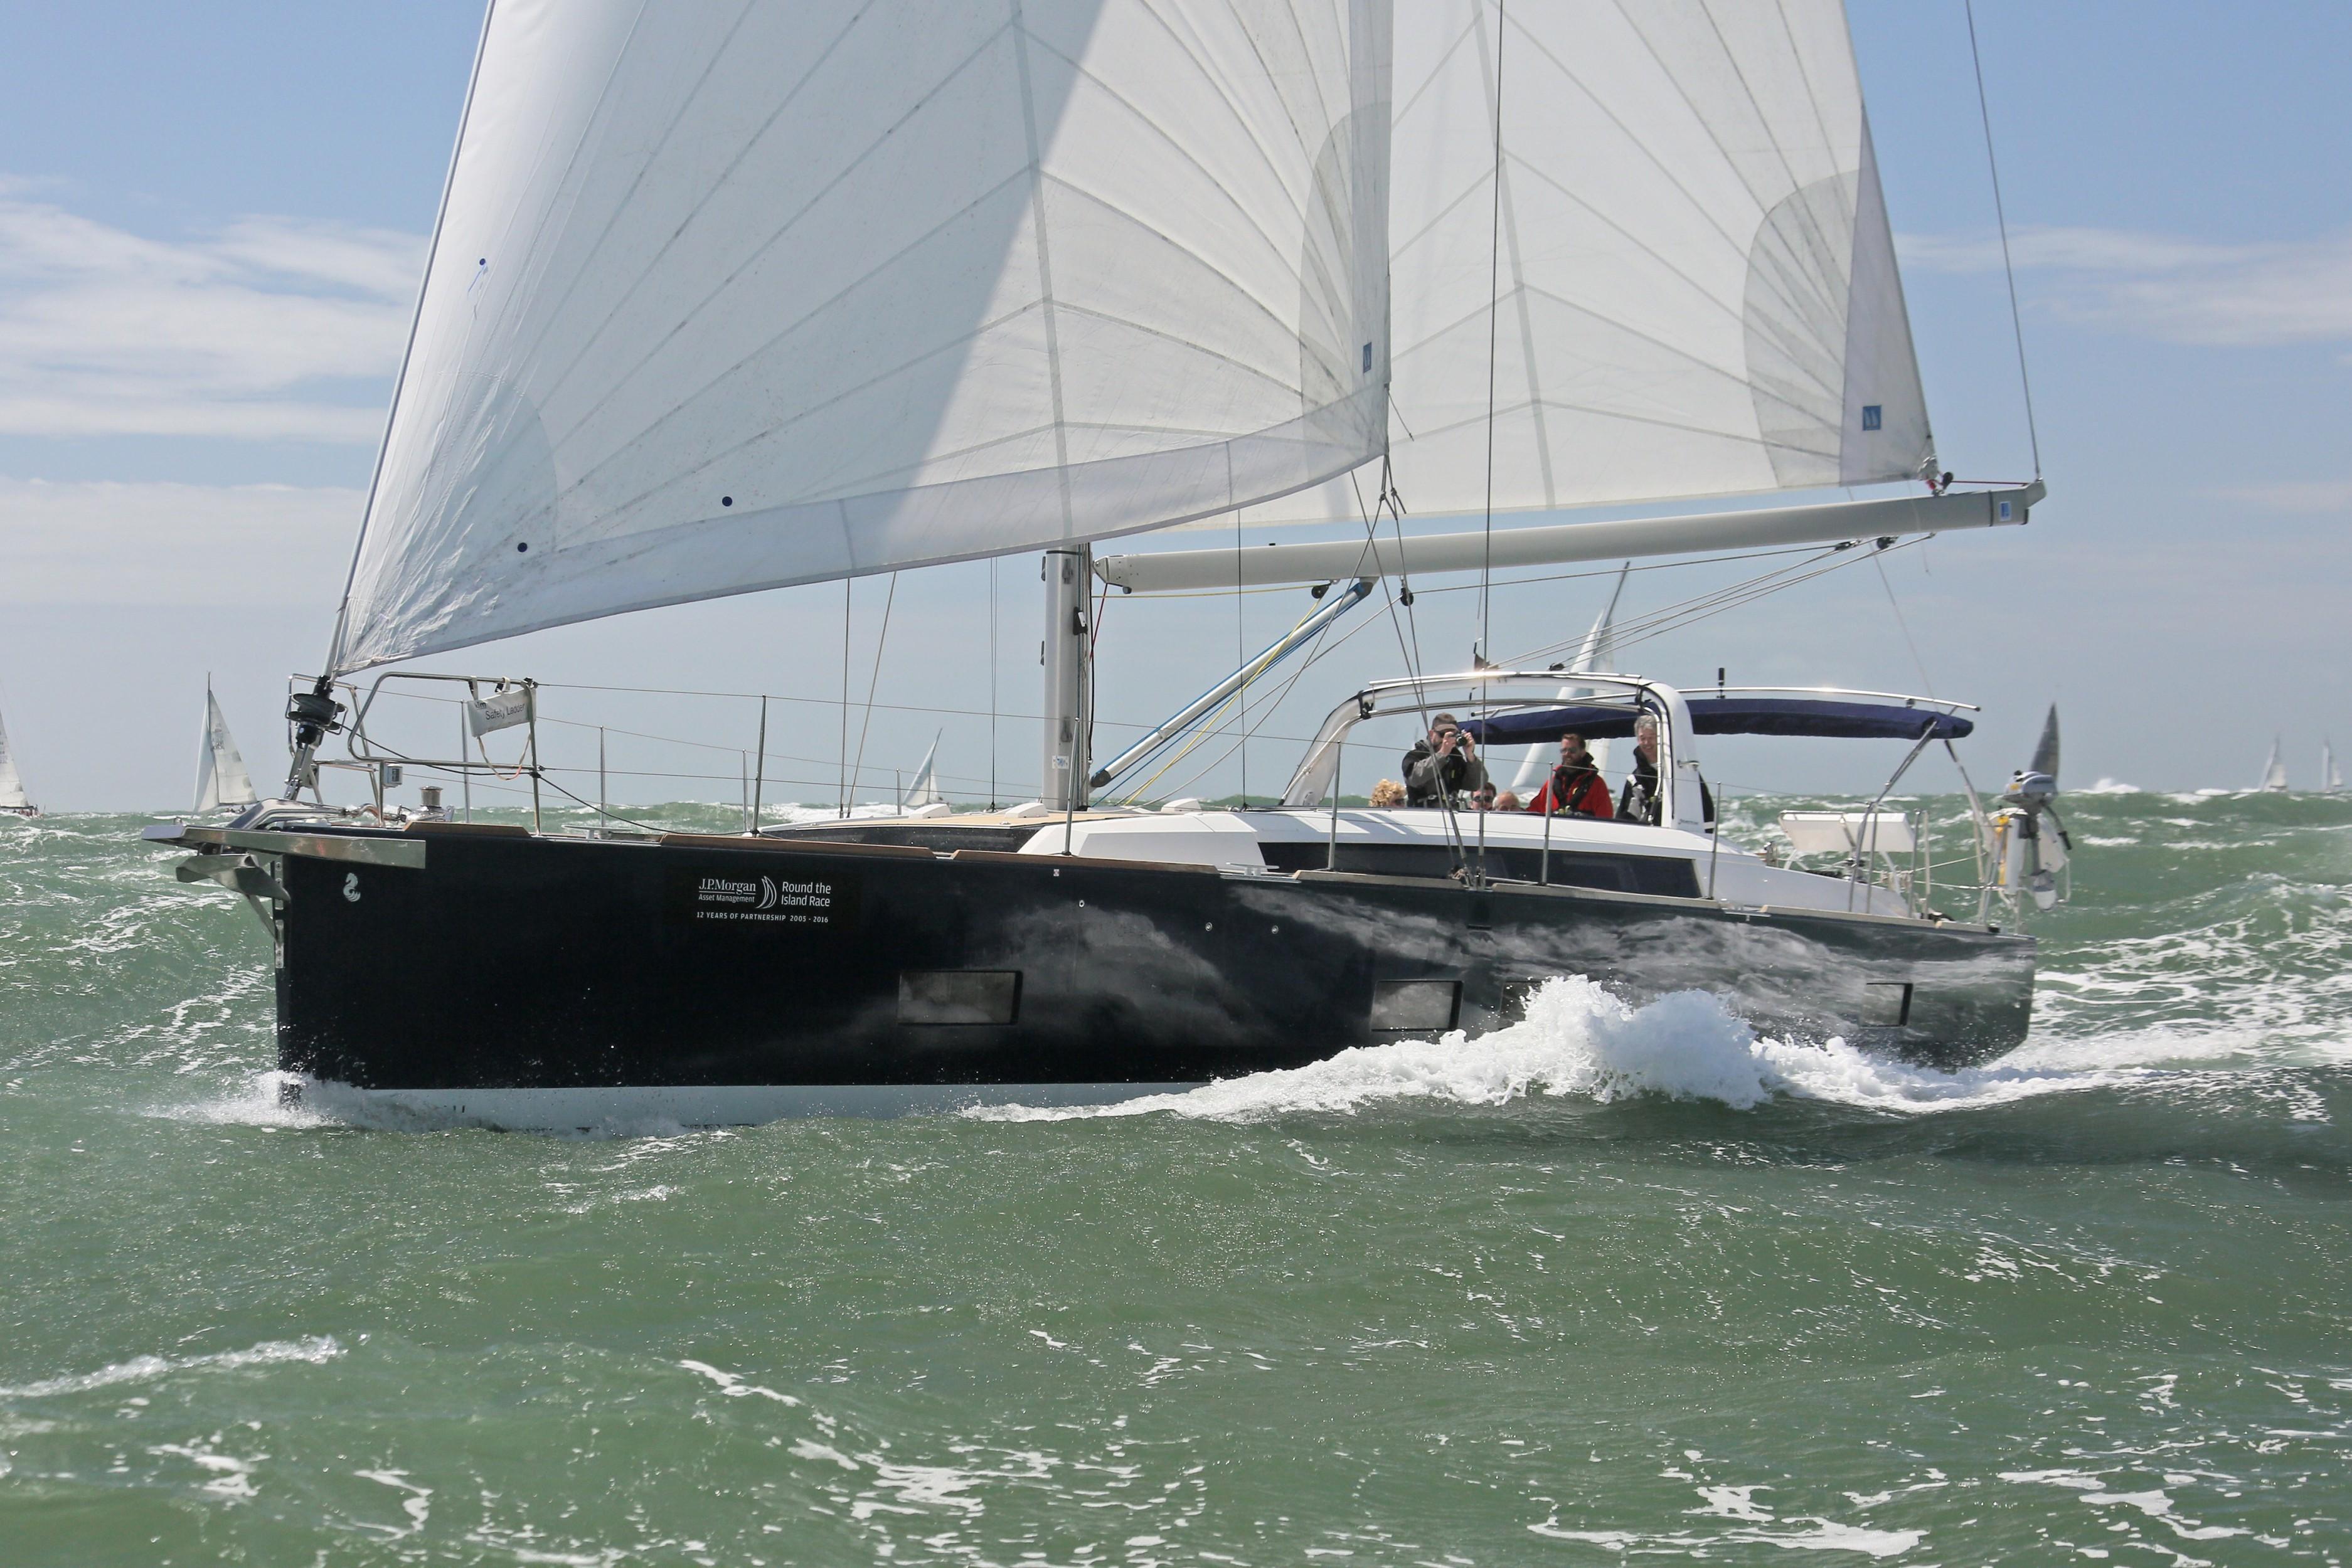 Beneteau Oceanis 55 For sale - Beneteau Oceanis 55